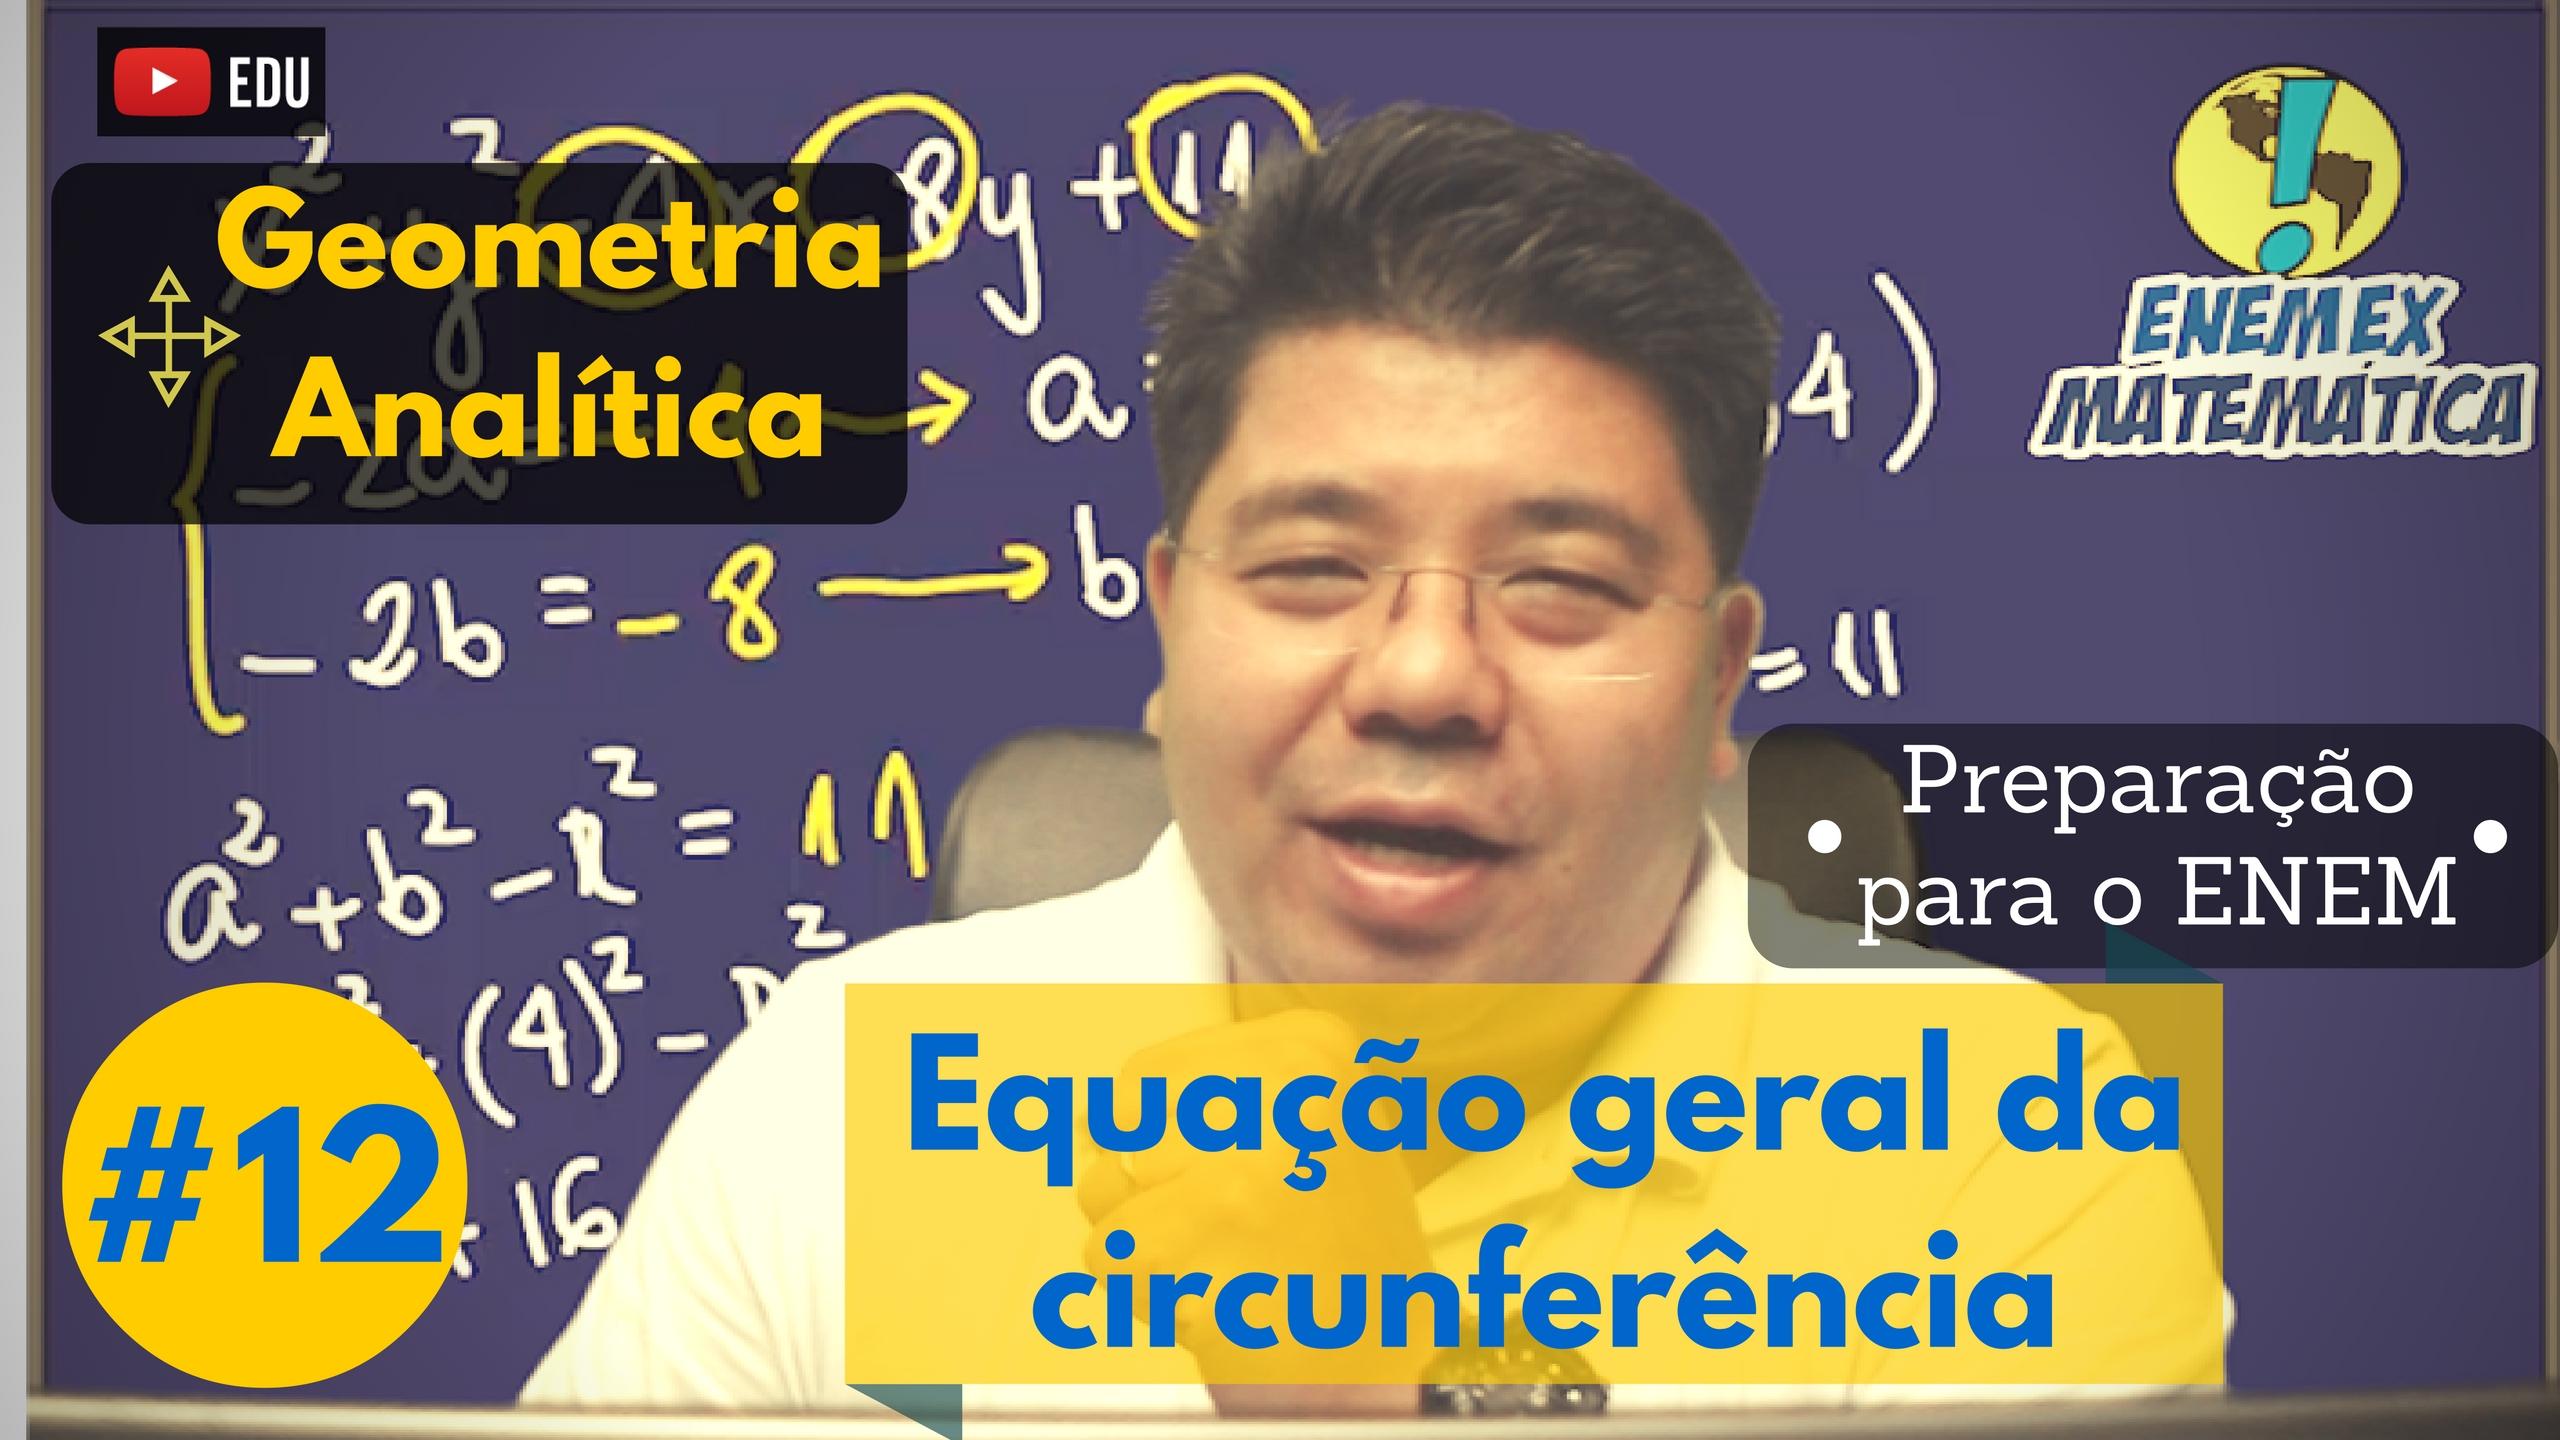 Equação geral, circunferência, raio, distância, pitágoras,centro,